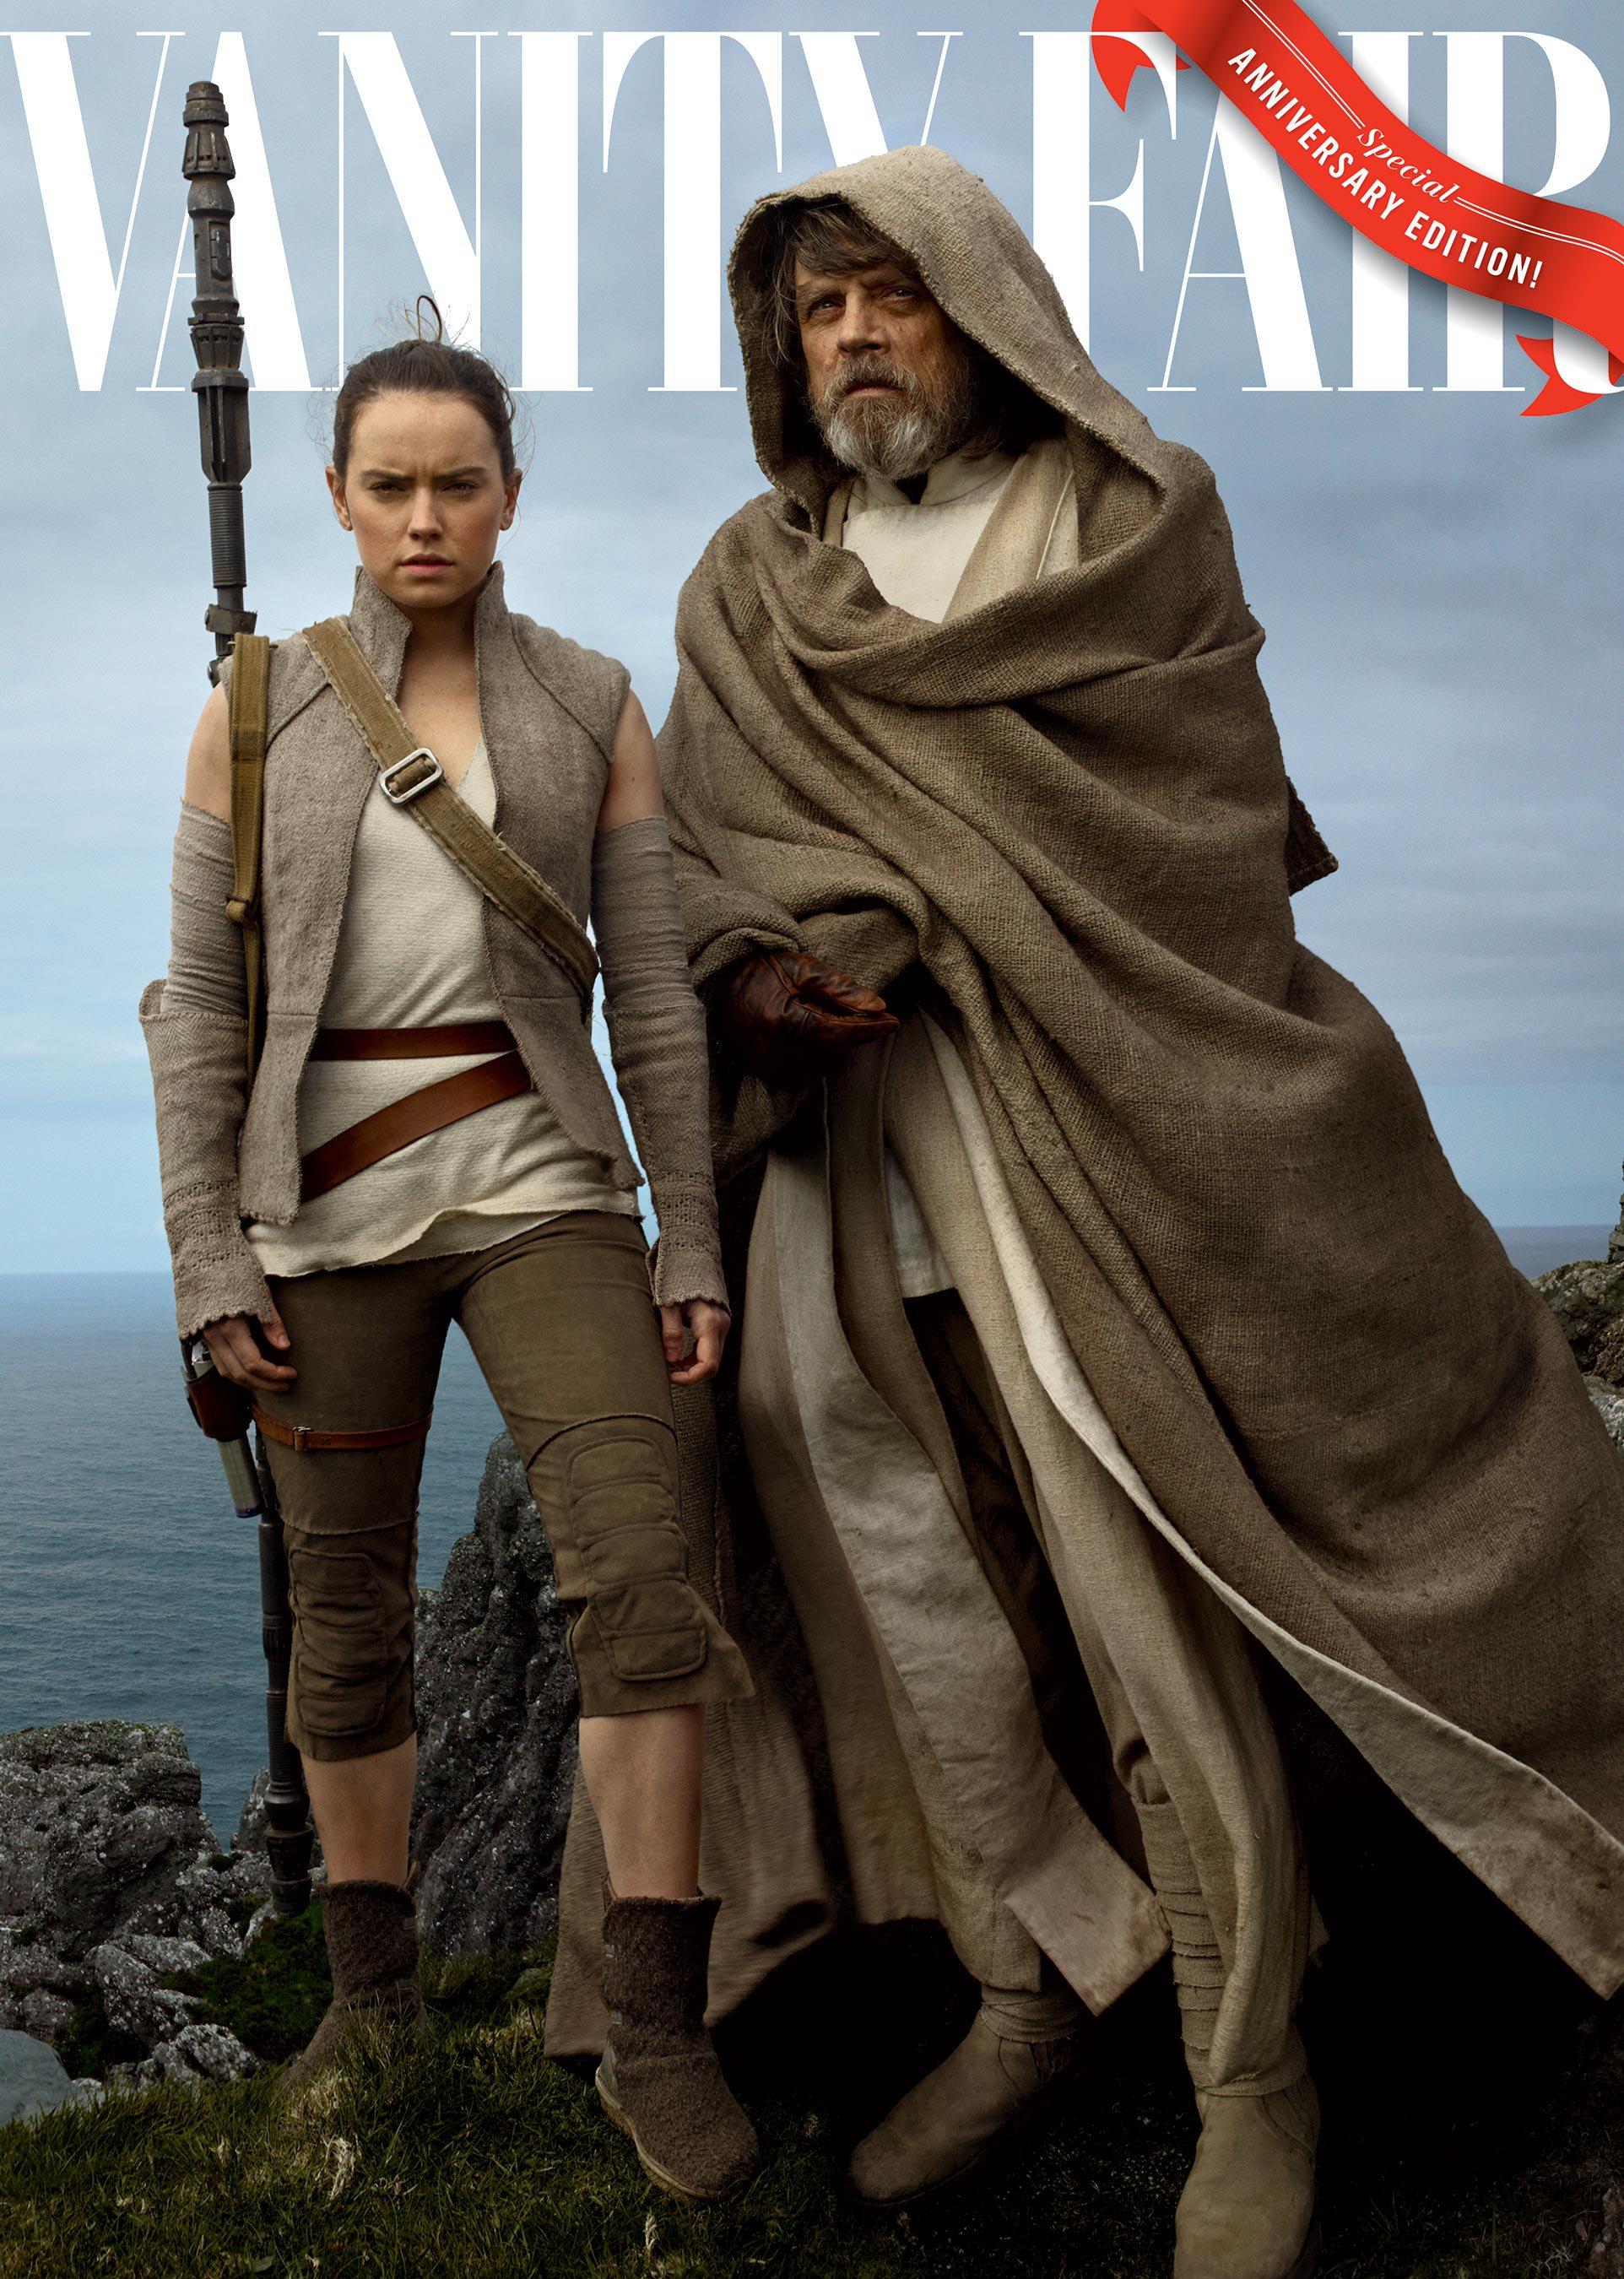 Gli ultimi Jedi: la copertina di Vanity Fair con Daisy Ridley e Mark Hamill